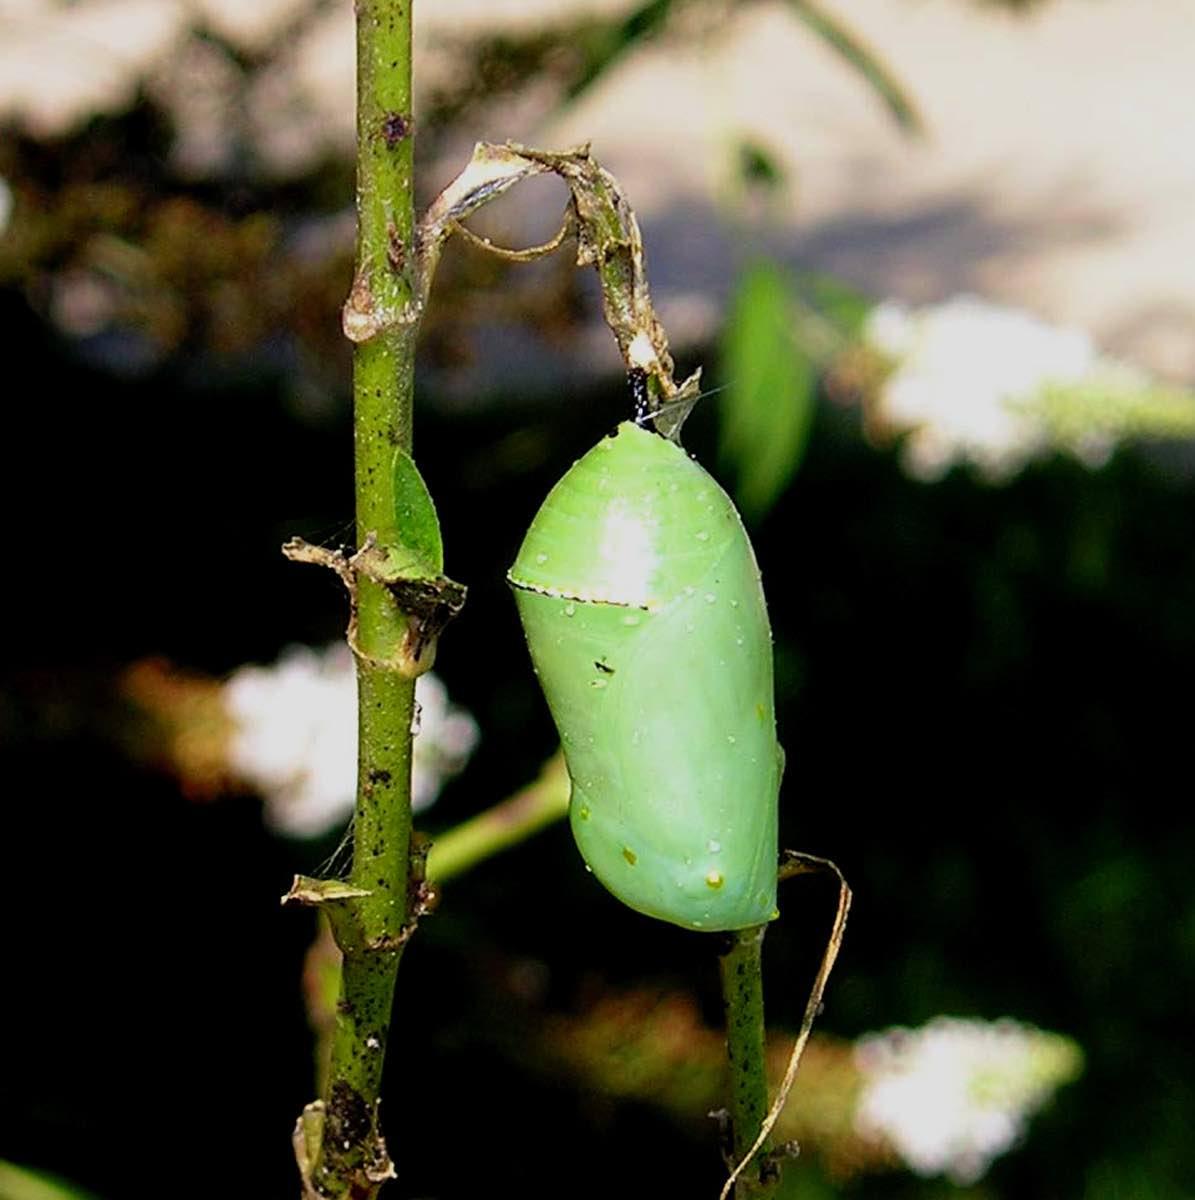 Pupa de mariposa monarca